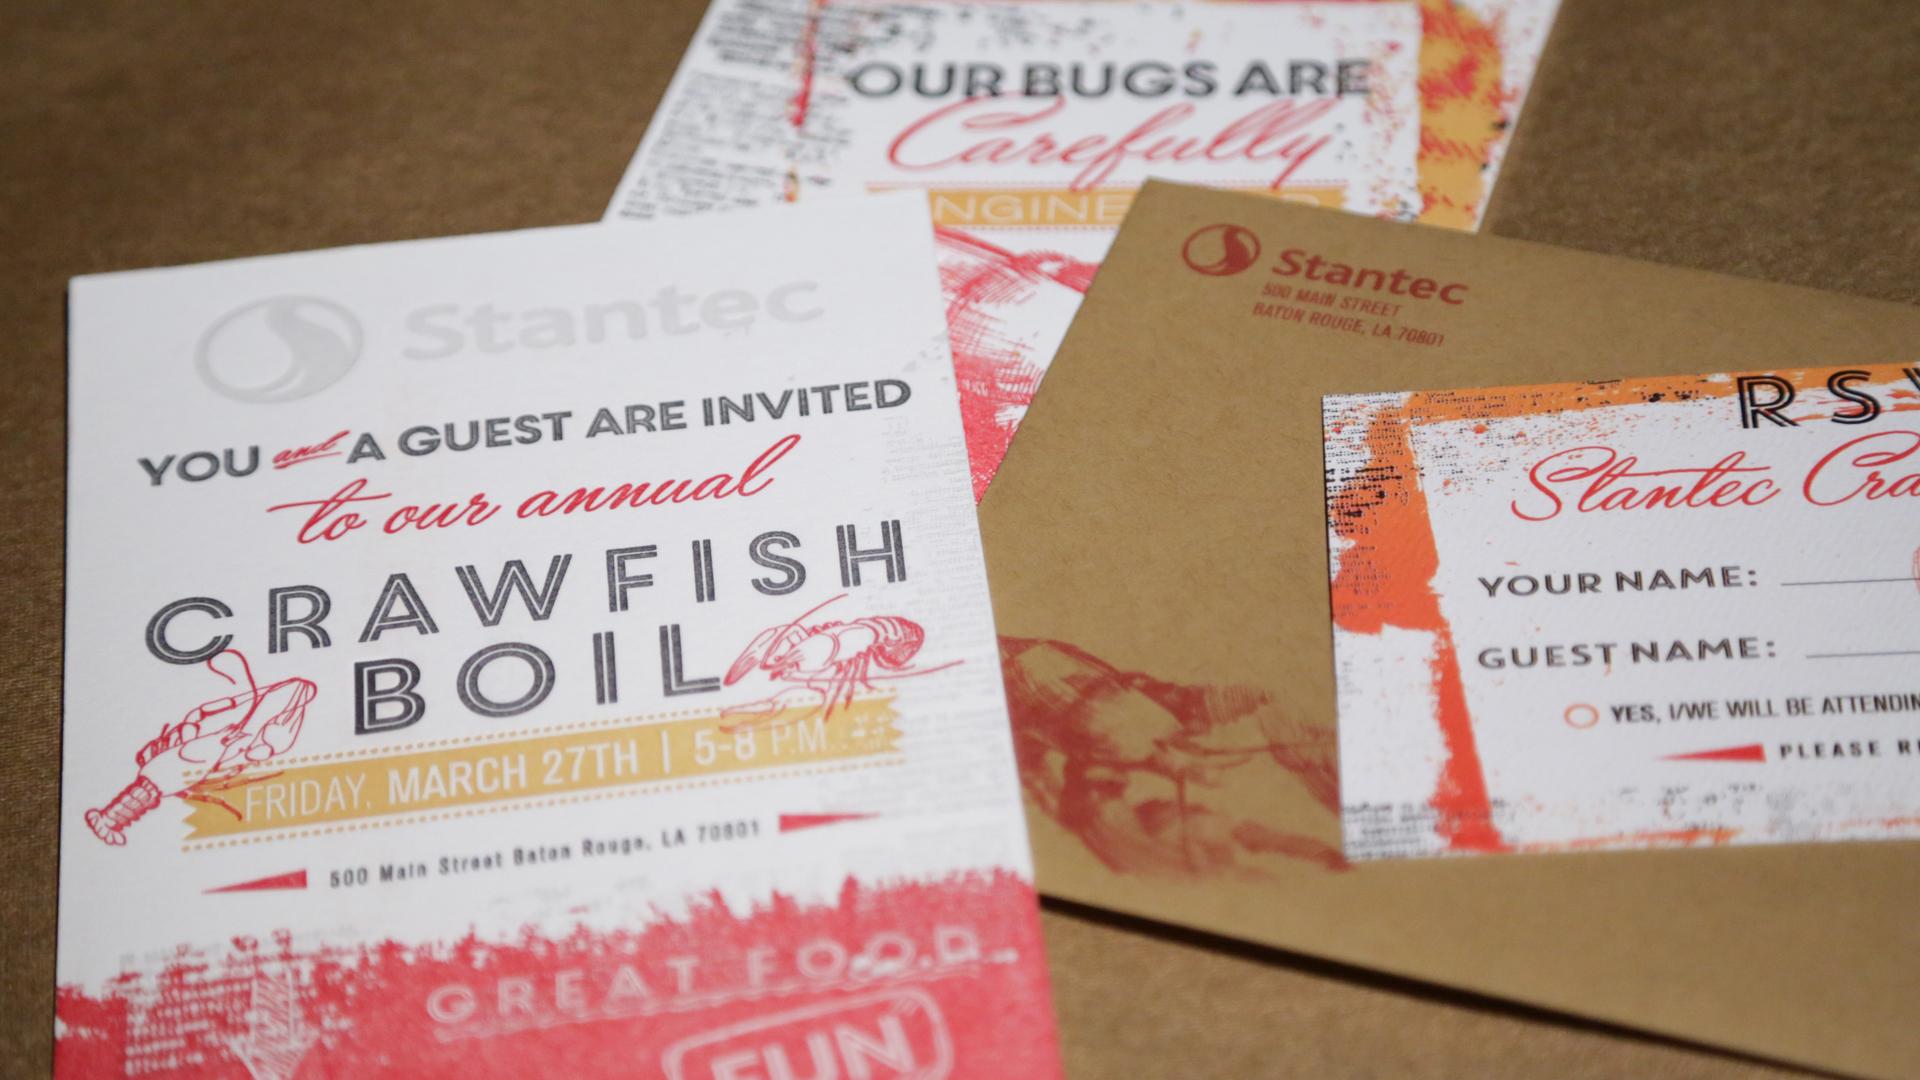 Stantec-CrawfishBoil-Invite.jpg